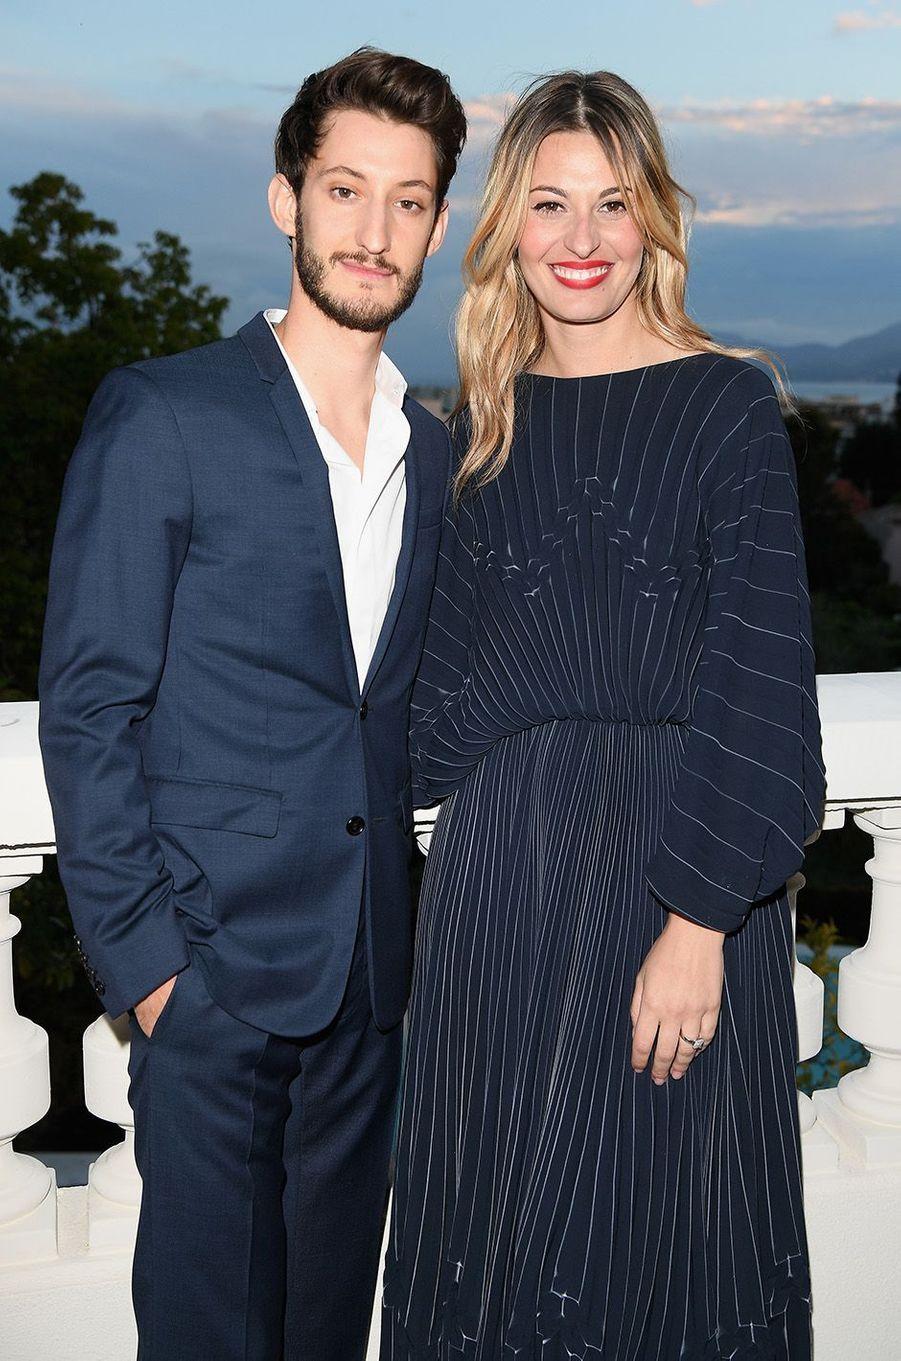 Pierre Niney et Sveva Alviti à la soirée Montblanc à Cannes, le 16 mai 2018.